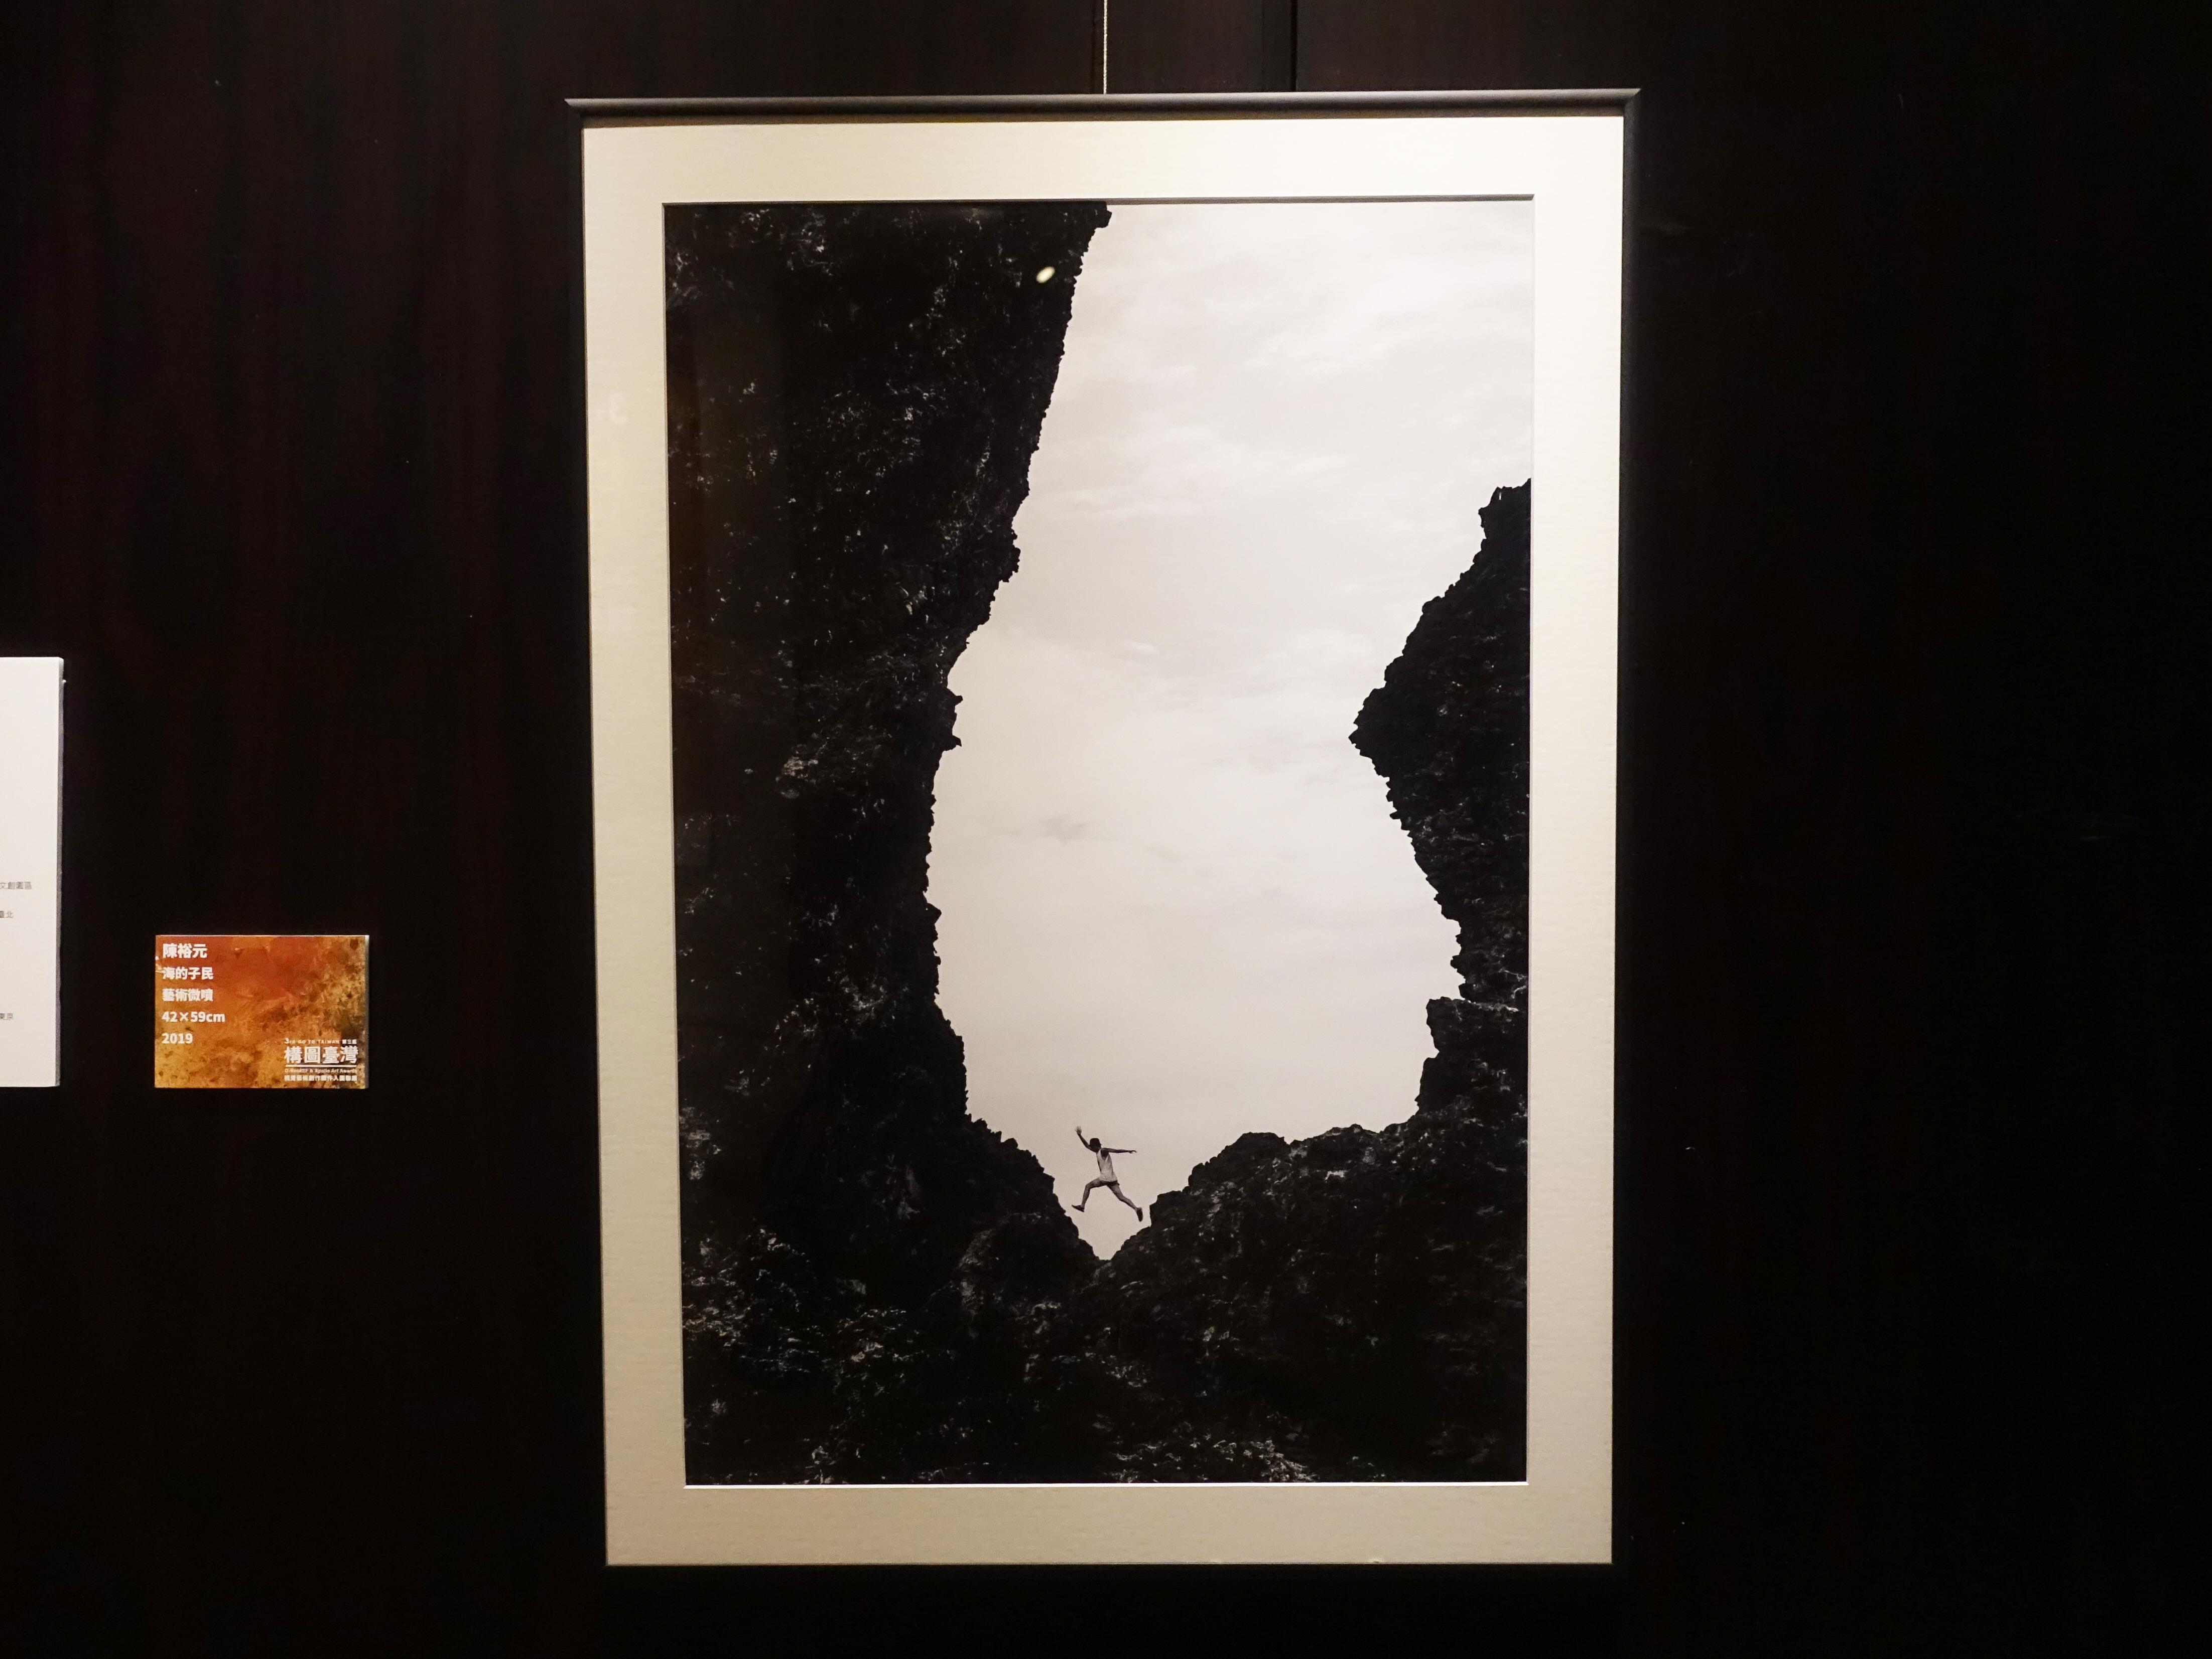 陳裕元,《海的子民》,藝術微噴,42x59cm,2019。